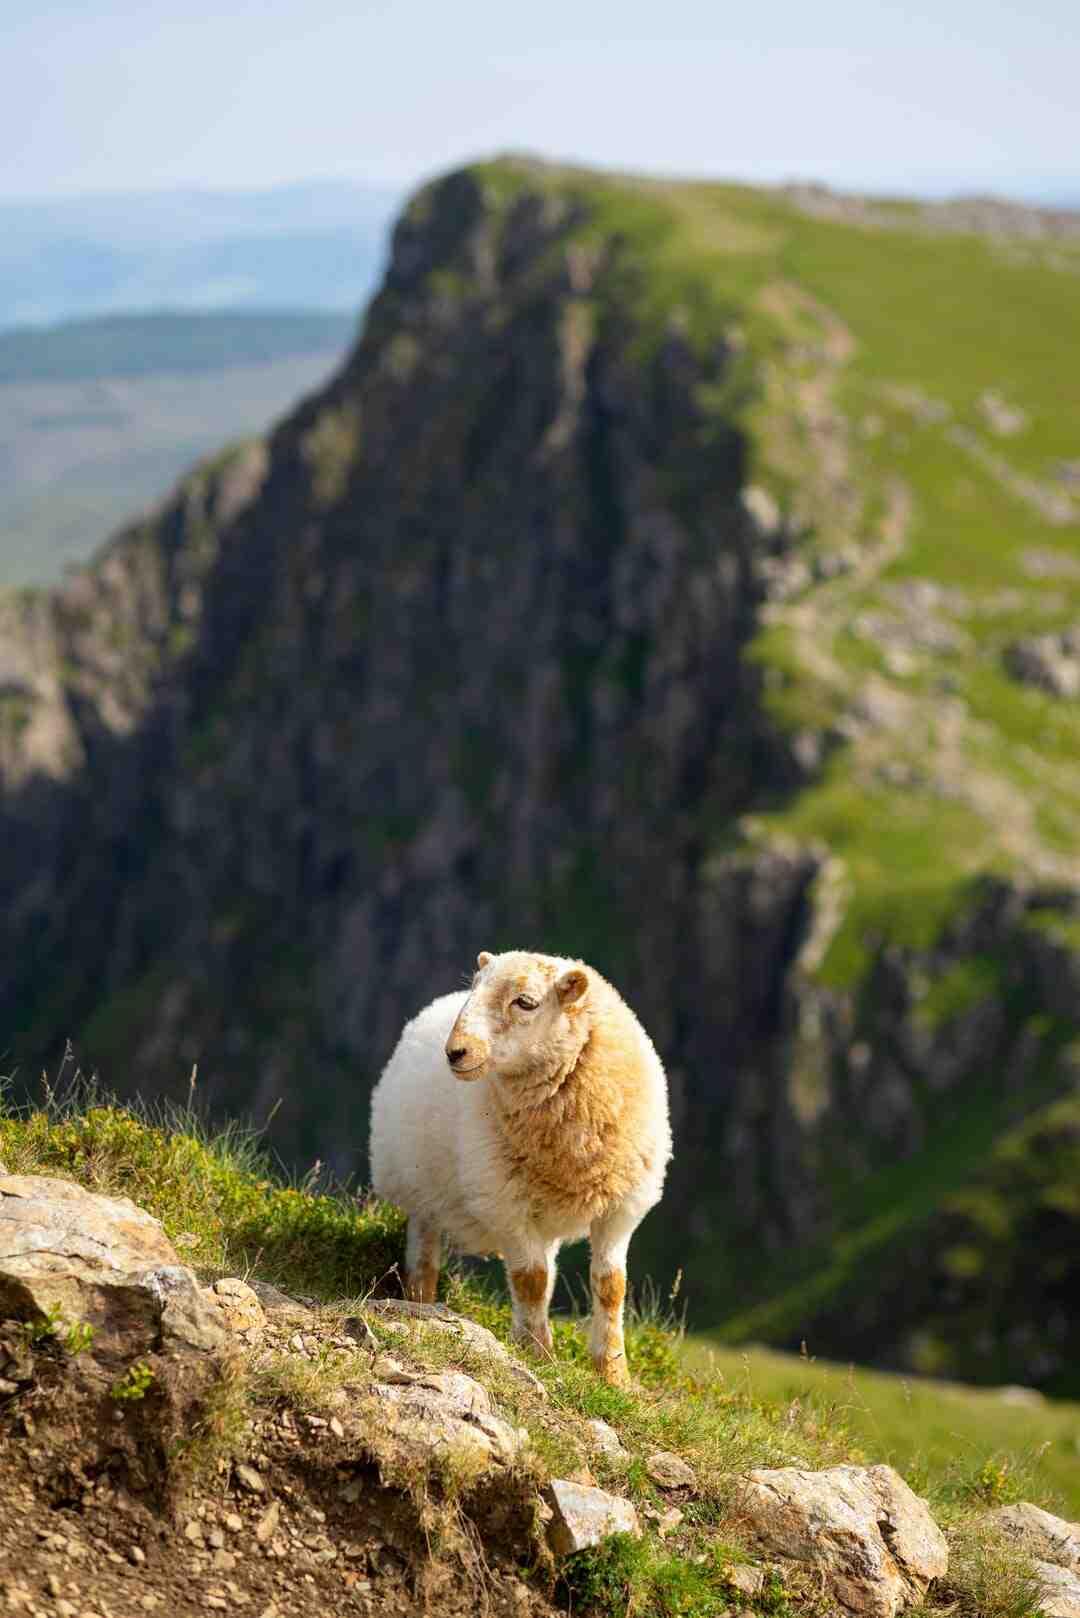 Quantos ovinos por metro quadrado em confinamento?